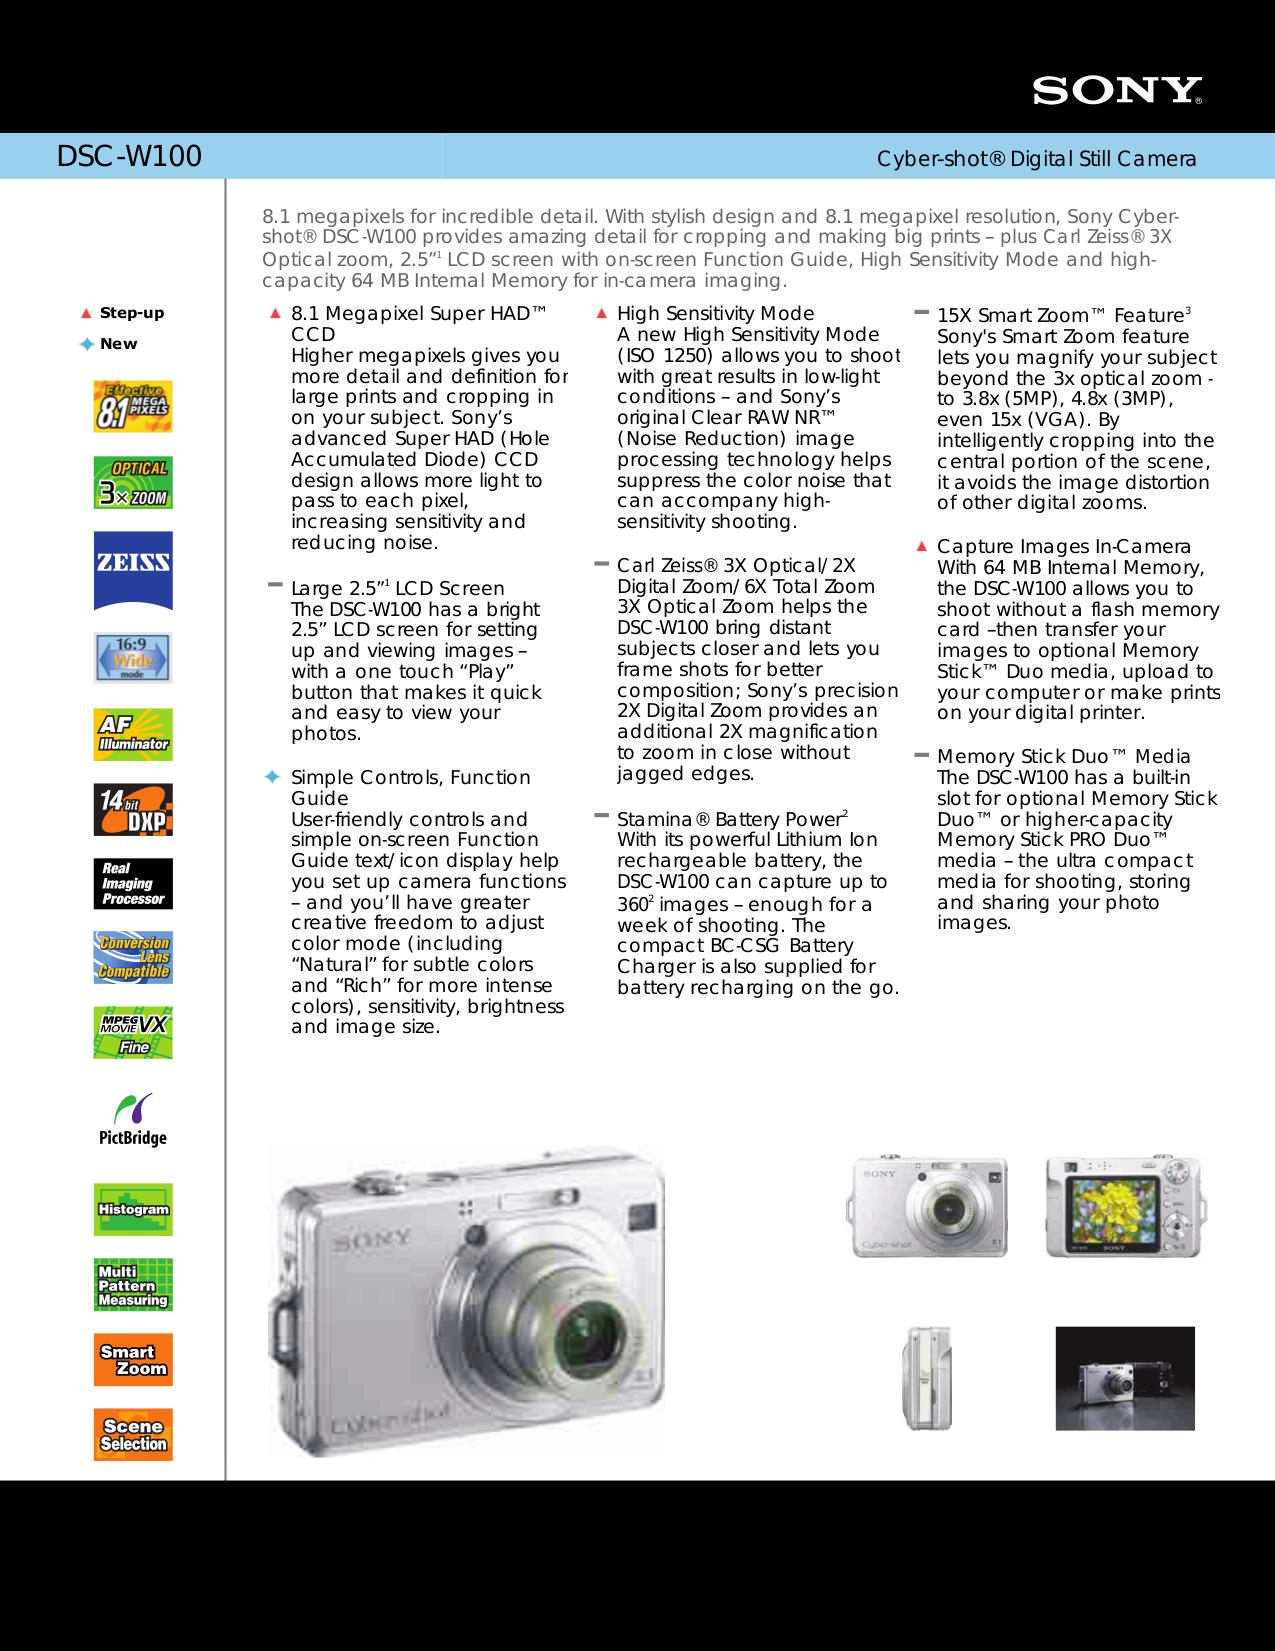 Sony dsc-w120 service manual pdf download.